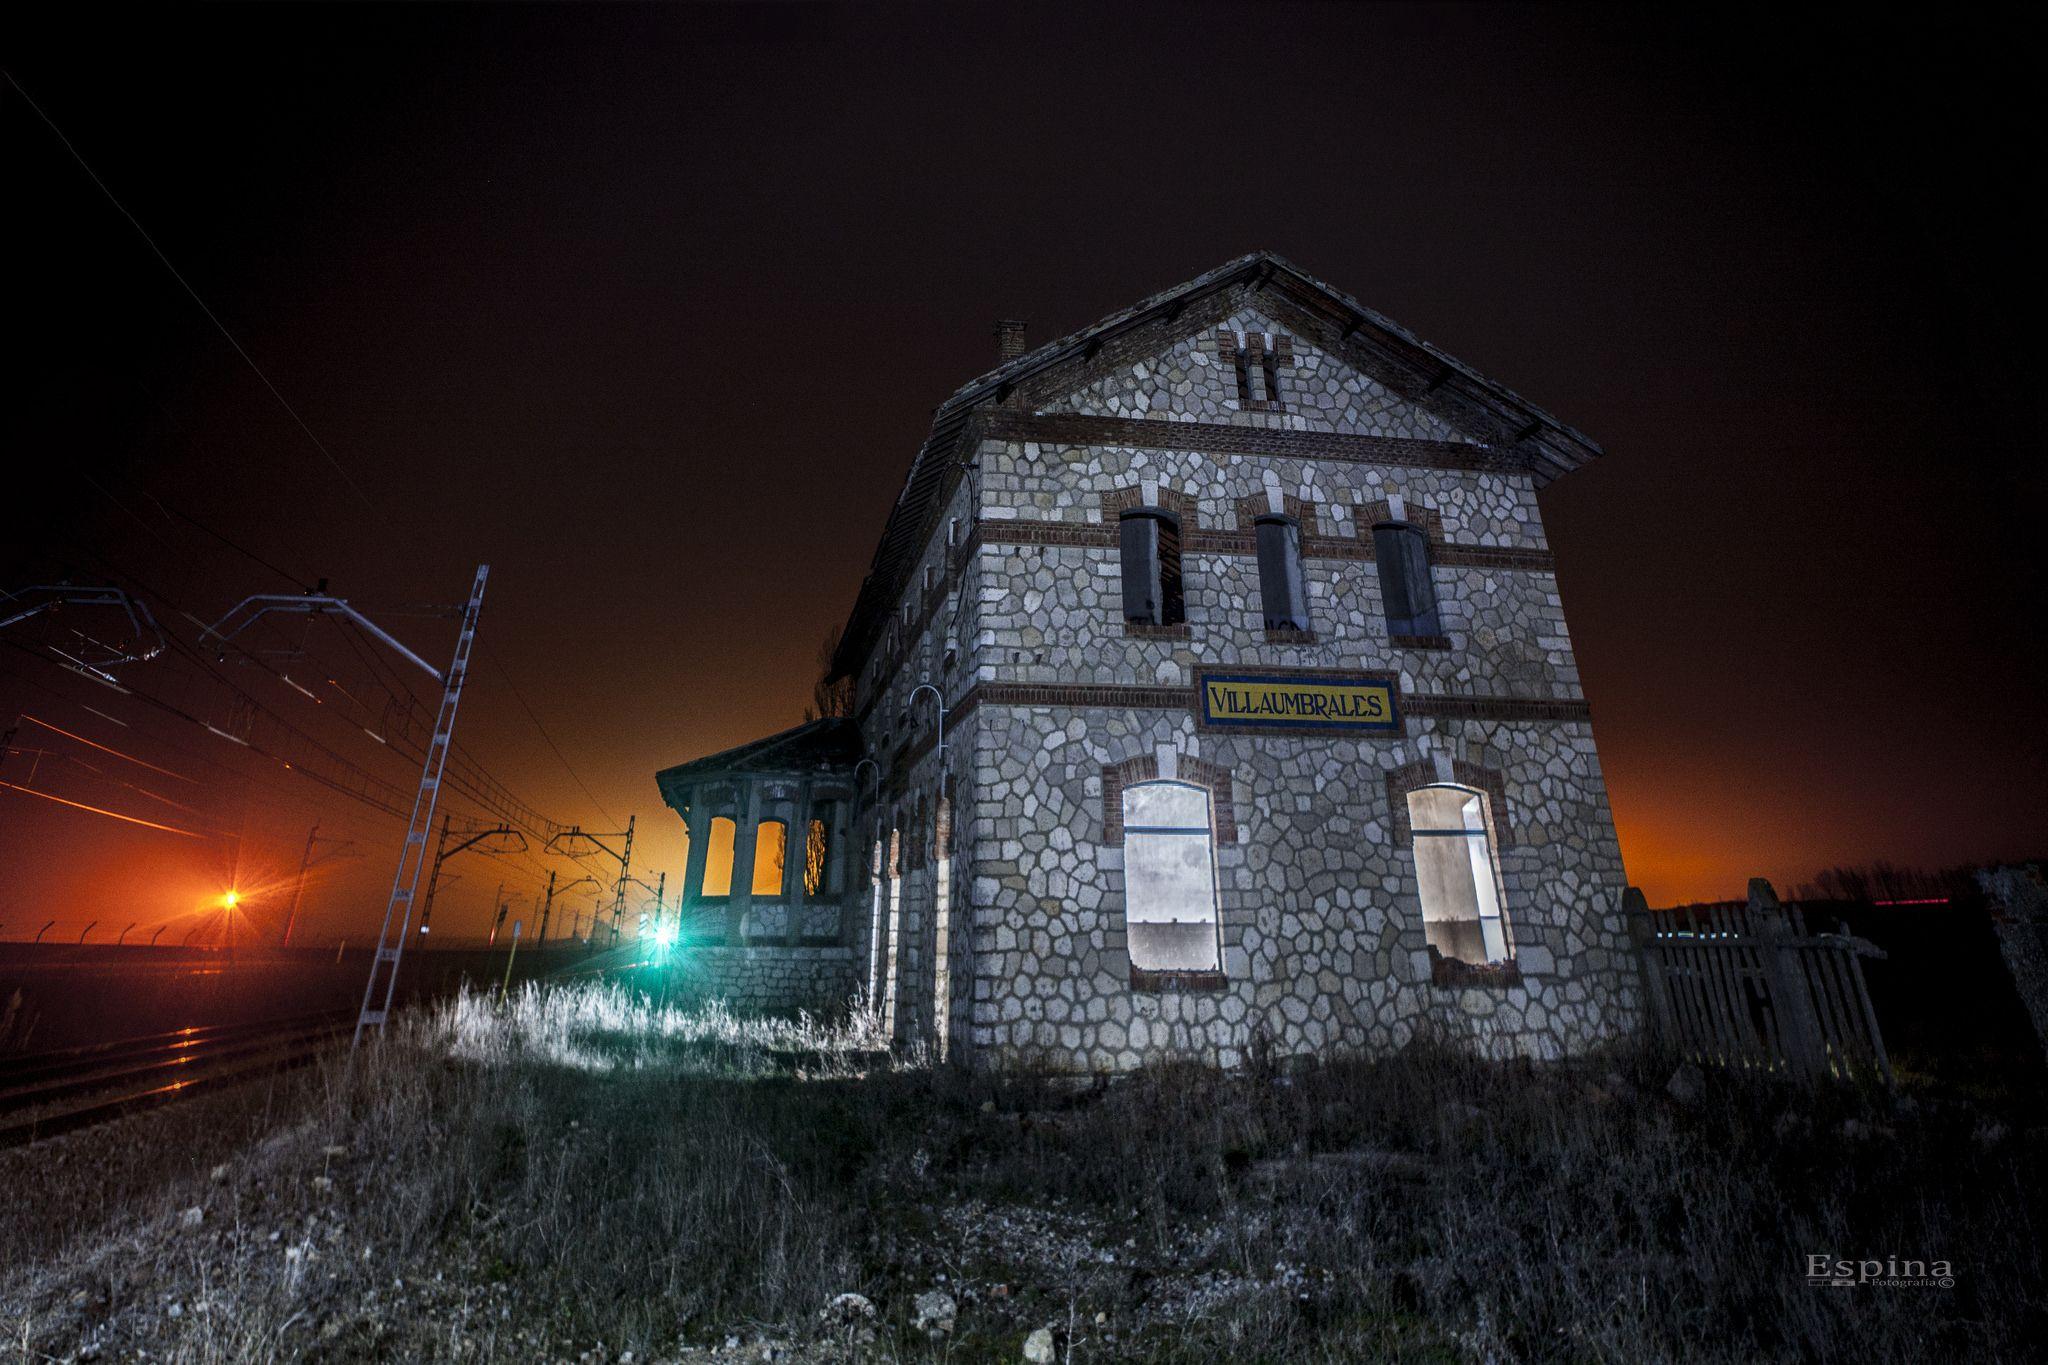 Fantasmas huecos Fantasmas, Virginia woolf y Fotografia